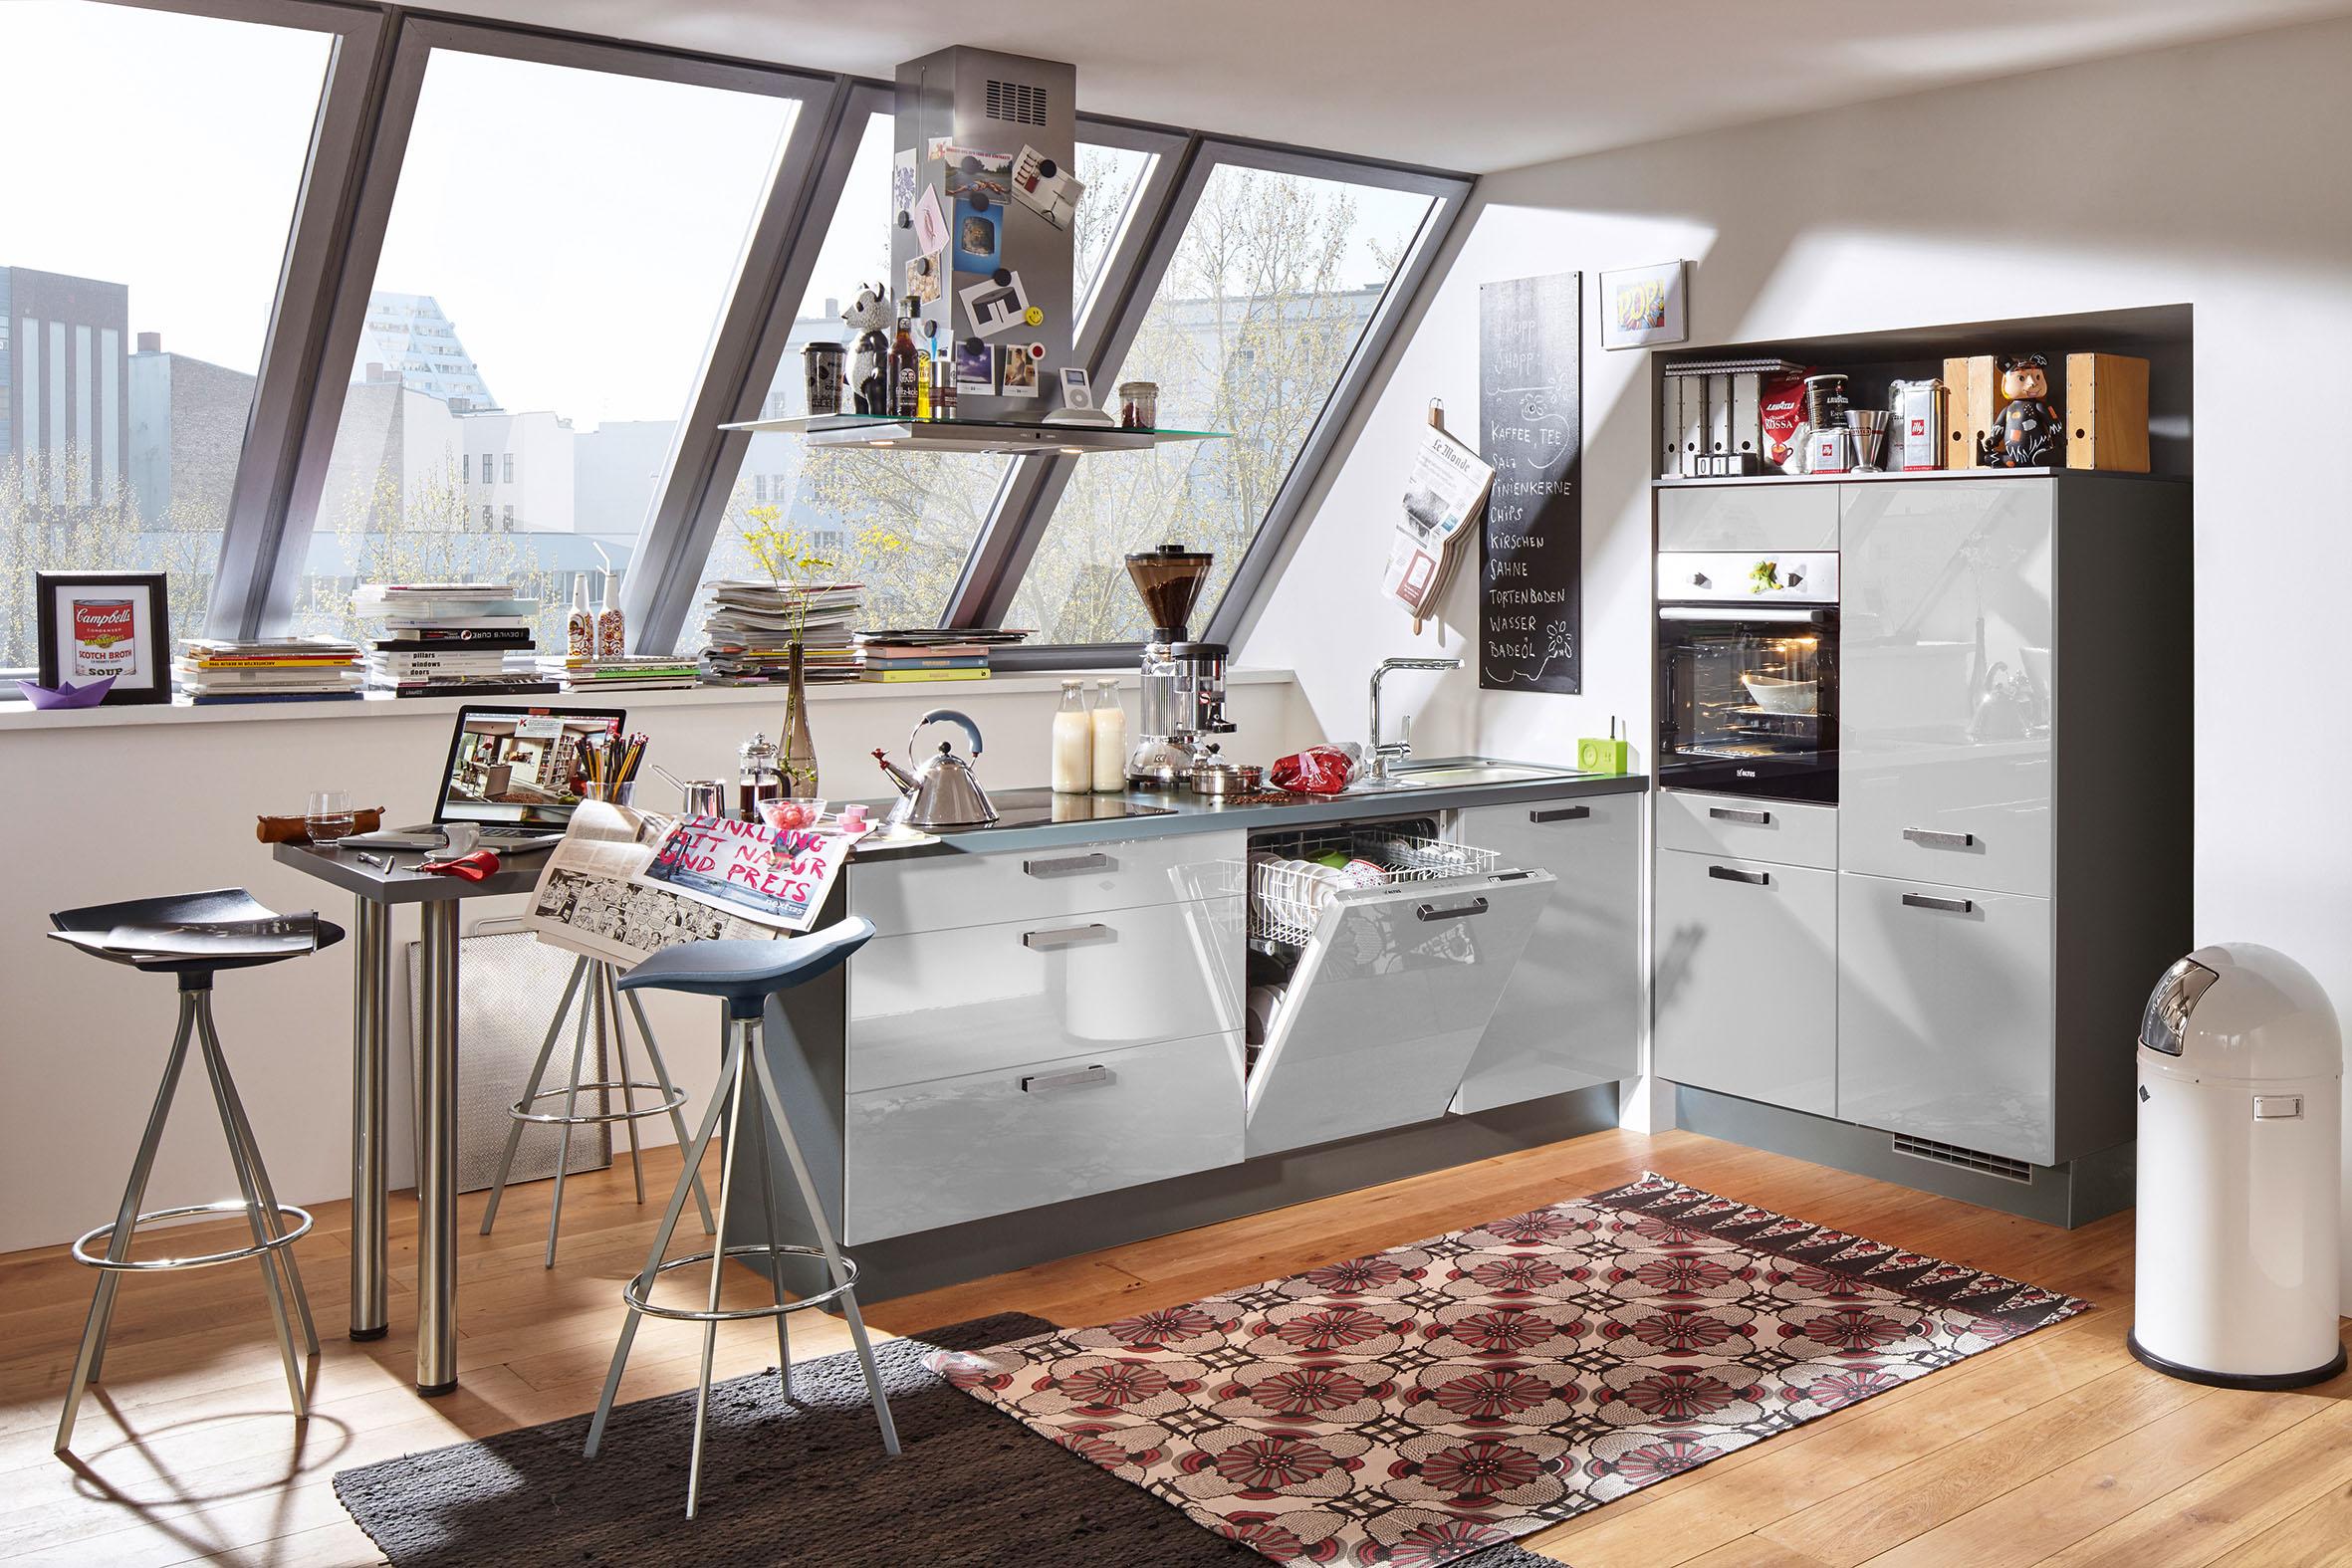 Viel Küche auf wenig Raum